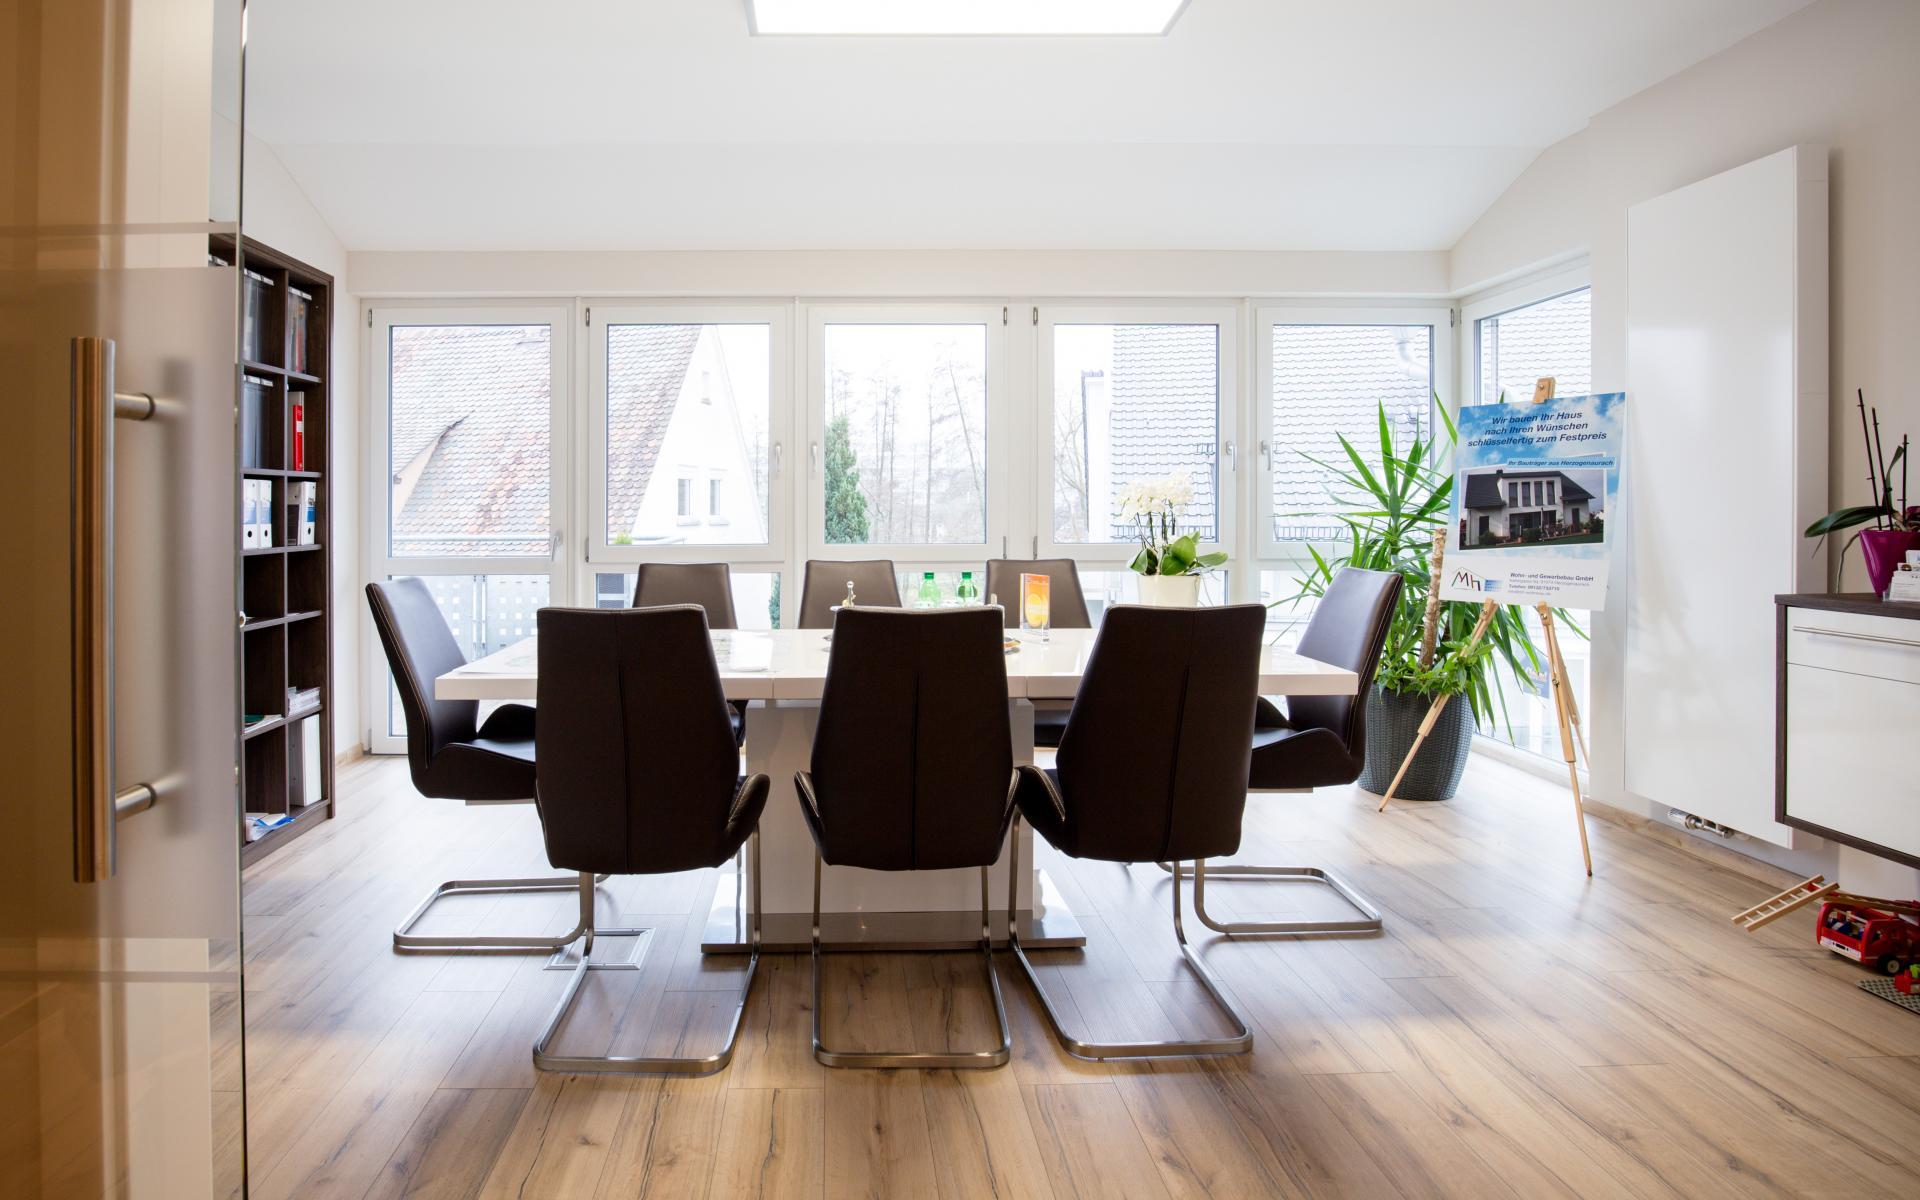 mh wohn und gewerbebau gmbh churu ihr magazin f r themen aus der region. Black Bedroom Furniture Sets. Home Design Ideas